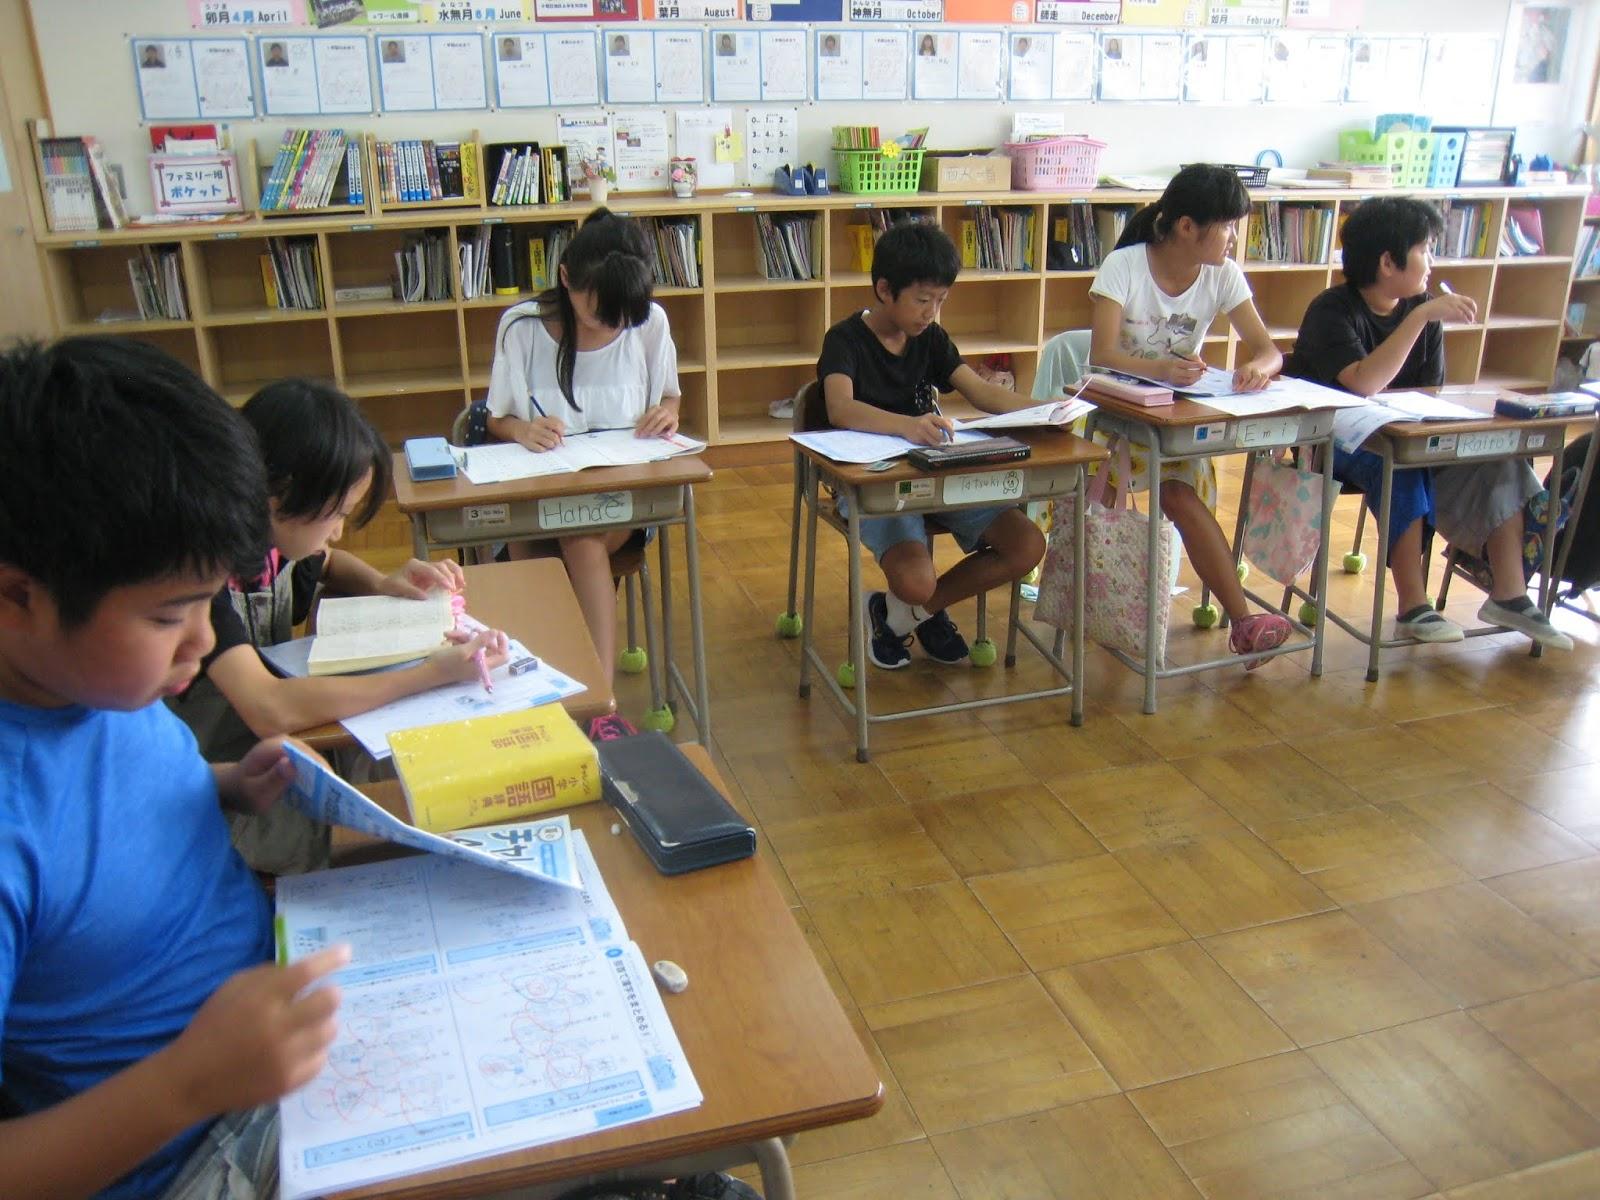 小学校 みどり 金沢市立緑小学校 /ホーム